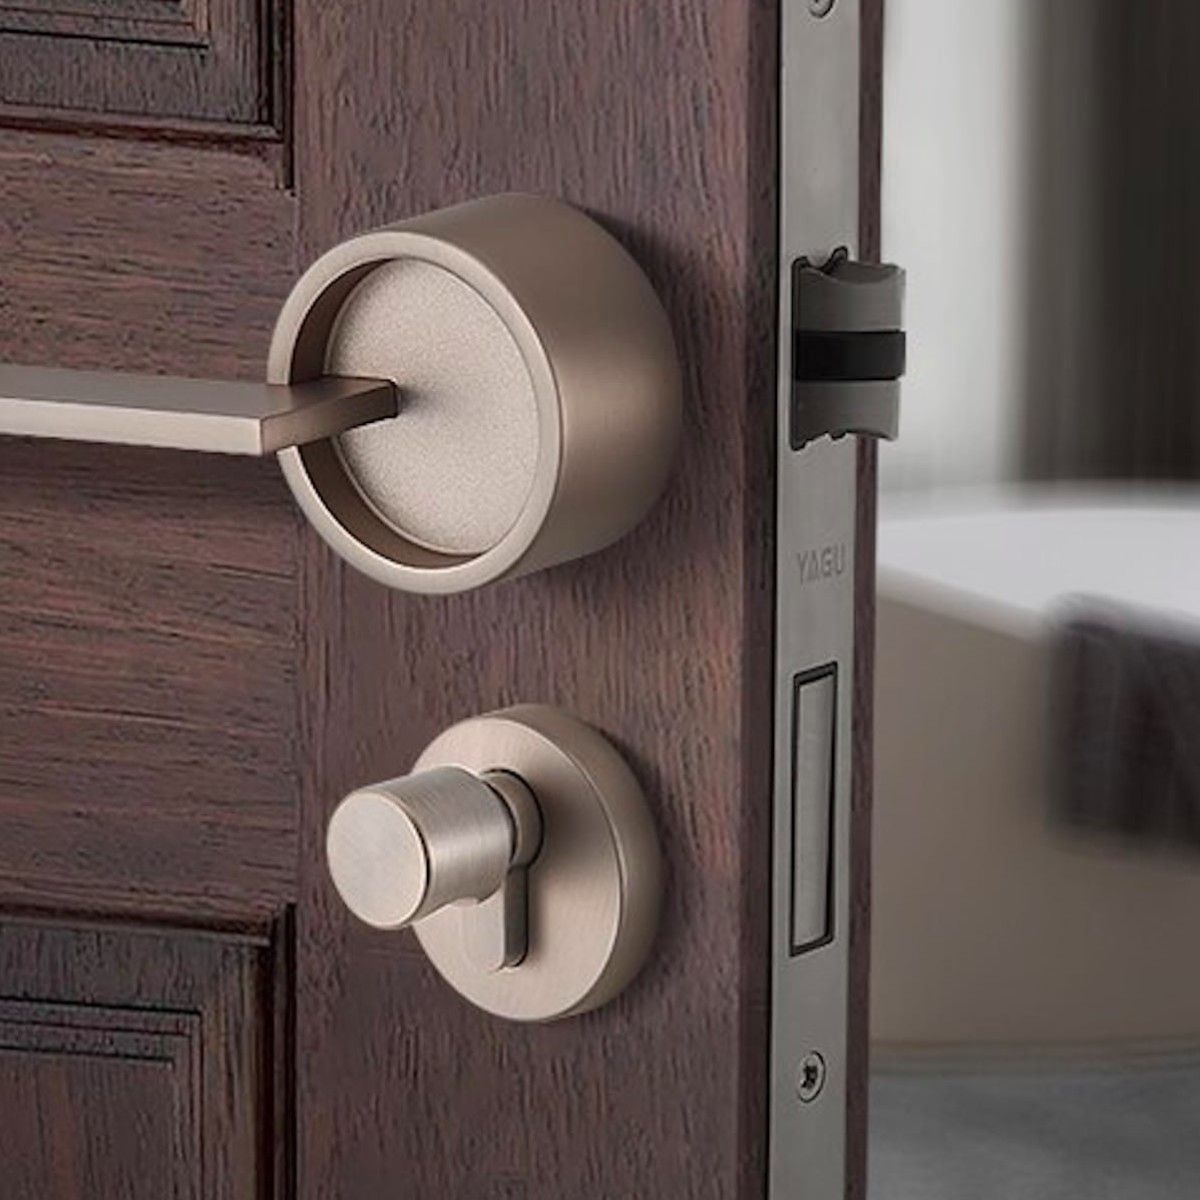 Split Style Security Door Lock Secures Your Main Door In Style In 2020 Security Door Door Locks Door Lock Security